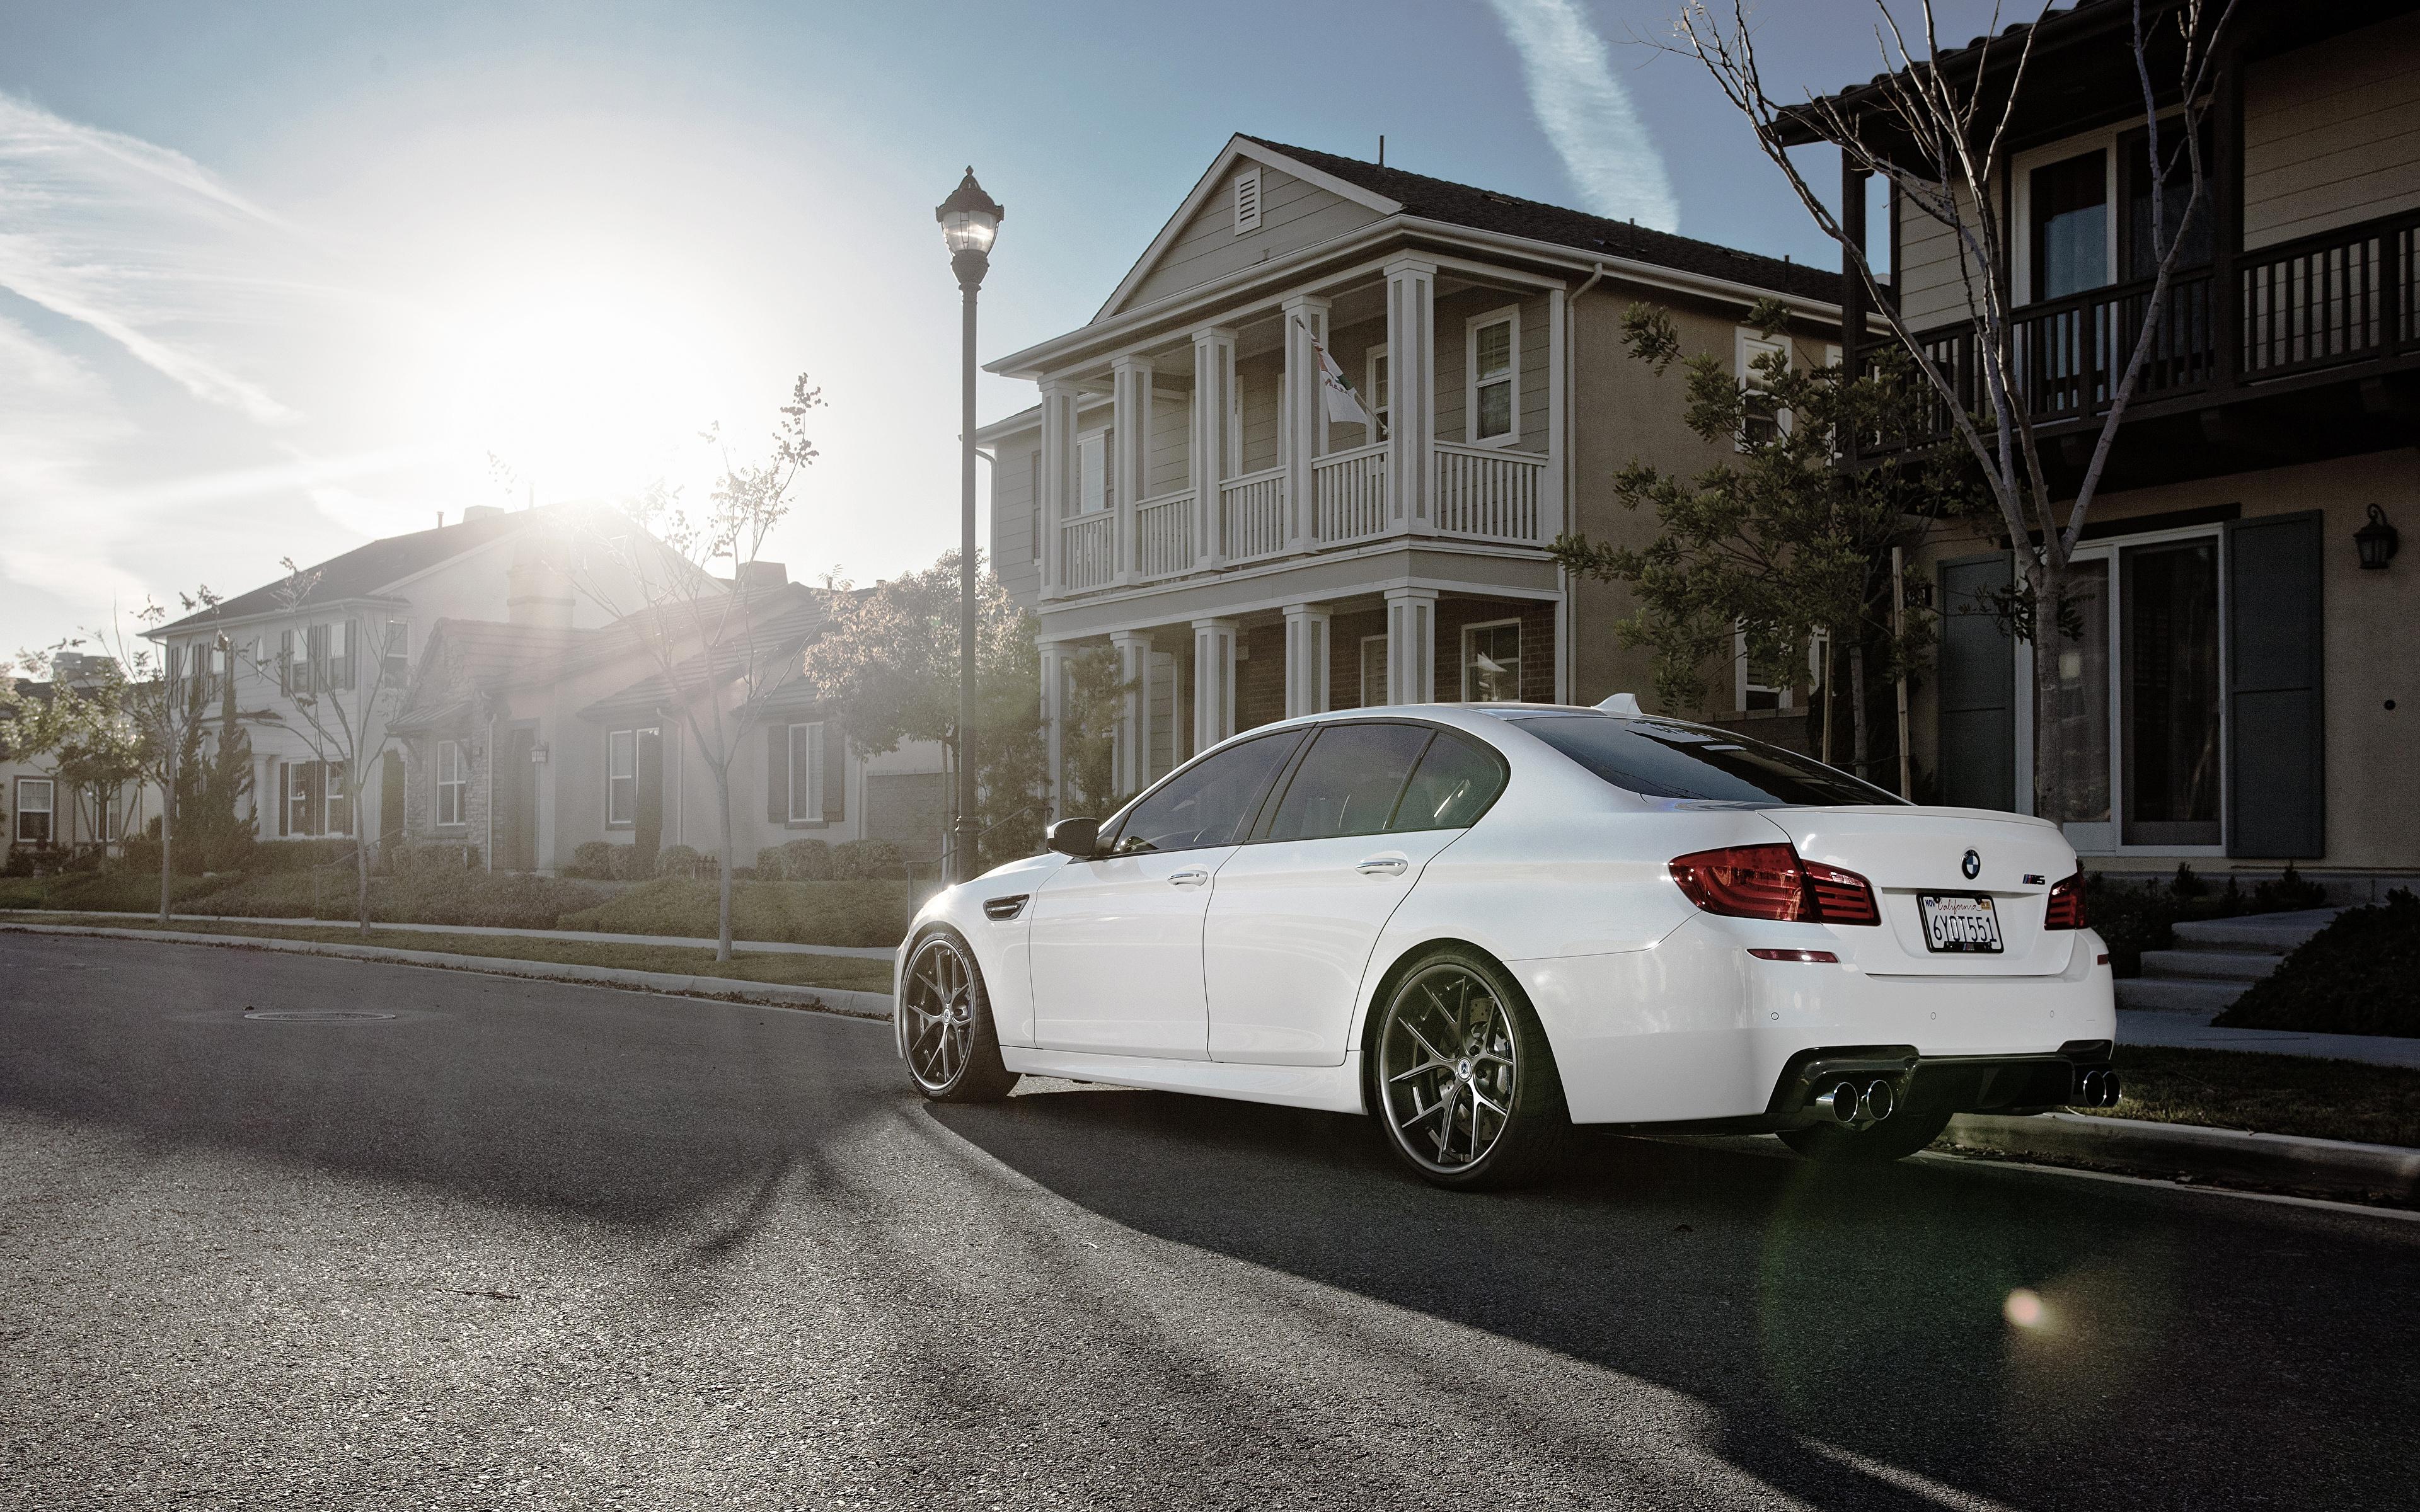 Фото БМВ m5, f10 белая асфальта Автомобили Здания Города 3840x2400 BMW Белый белые белых авто машины машина Асфальт автомобиль Дома город